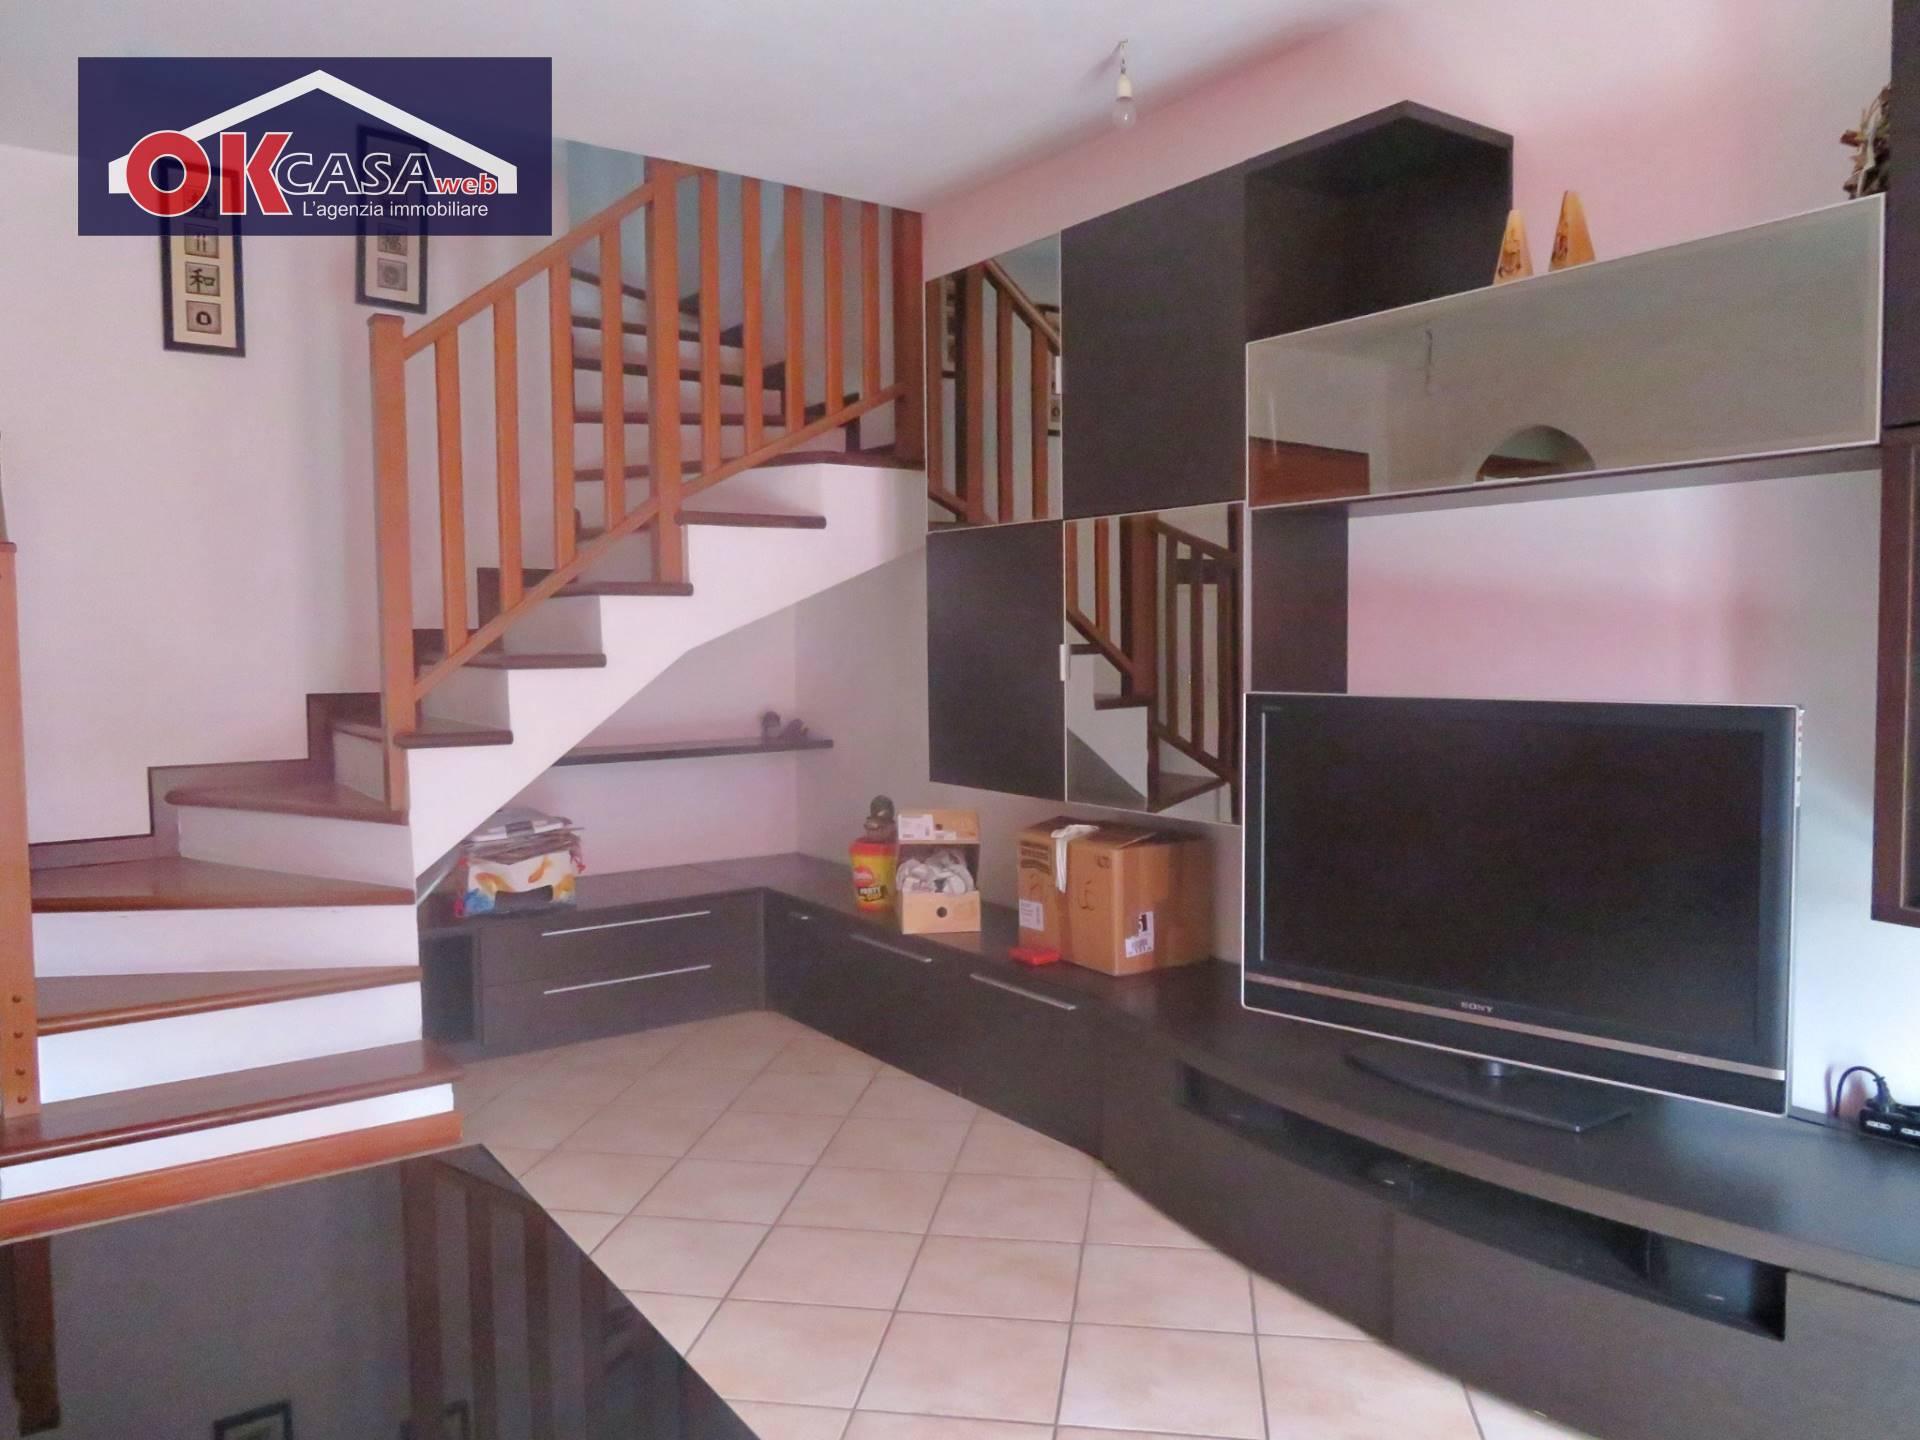 Appartamento in vendita a Cervignano del Friuli, 6 locali, prezzo € 140.000   CambioCasa.it